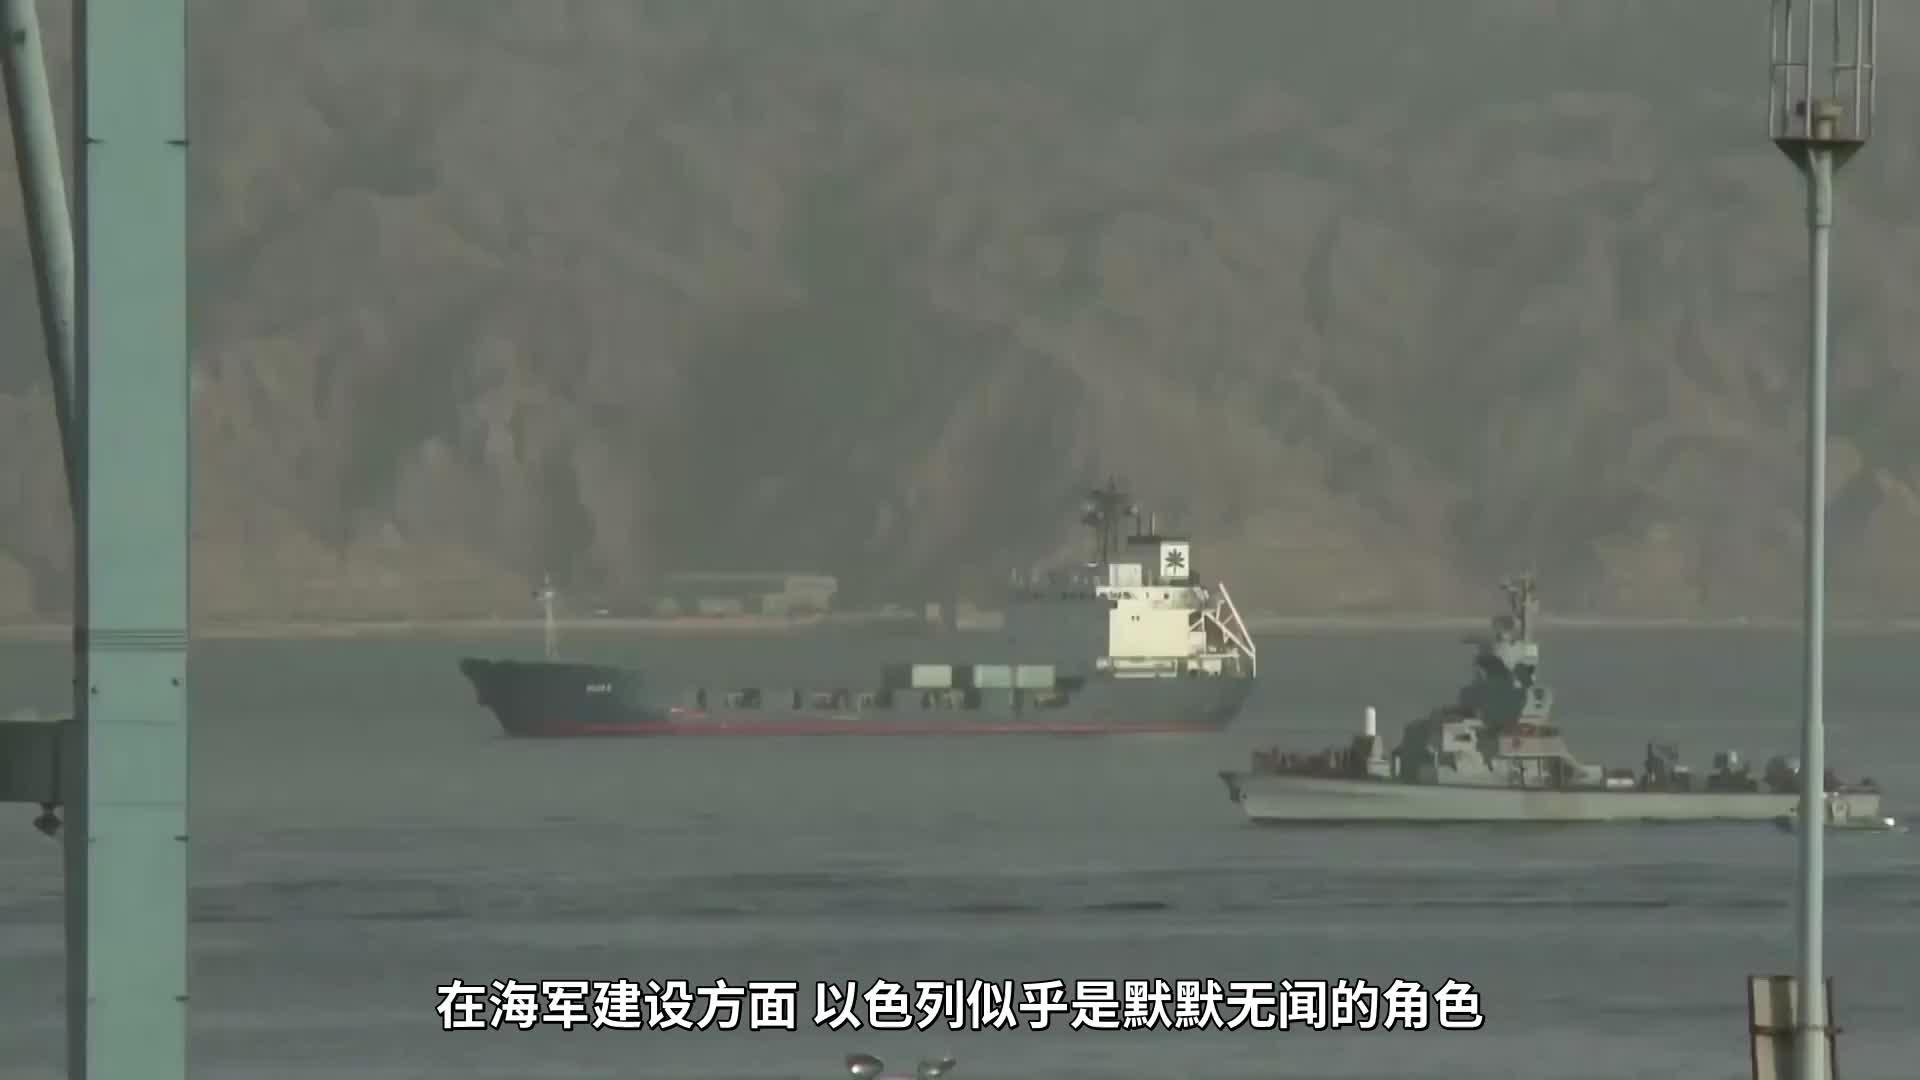 造价贵出054A数倍,但防空能力非常强,这款800吨护卫艇太神了